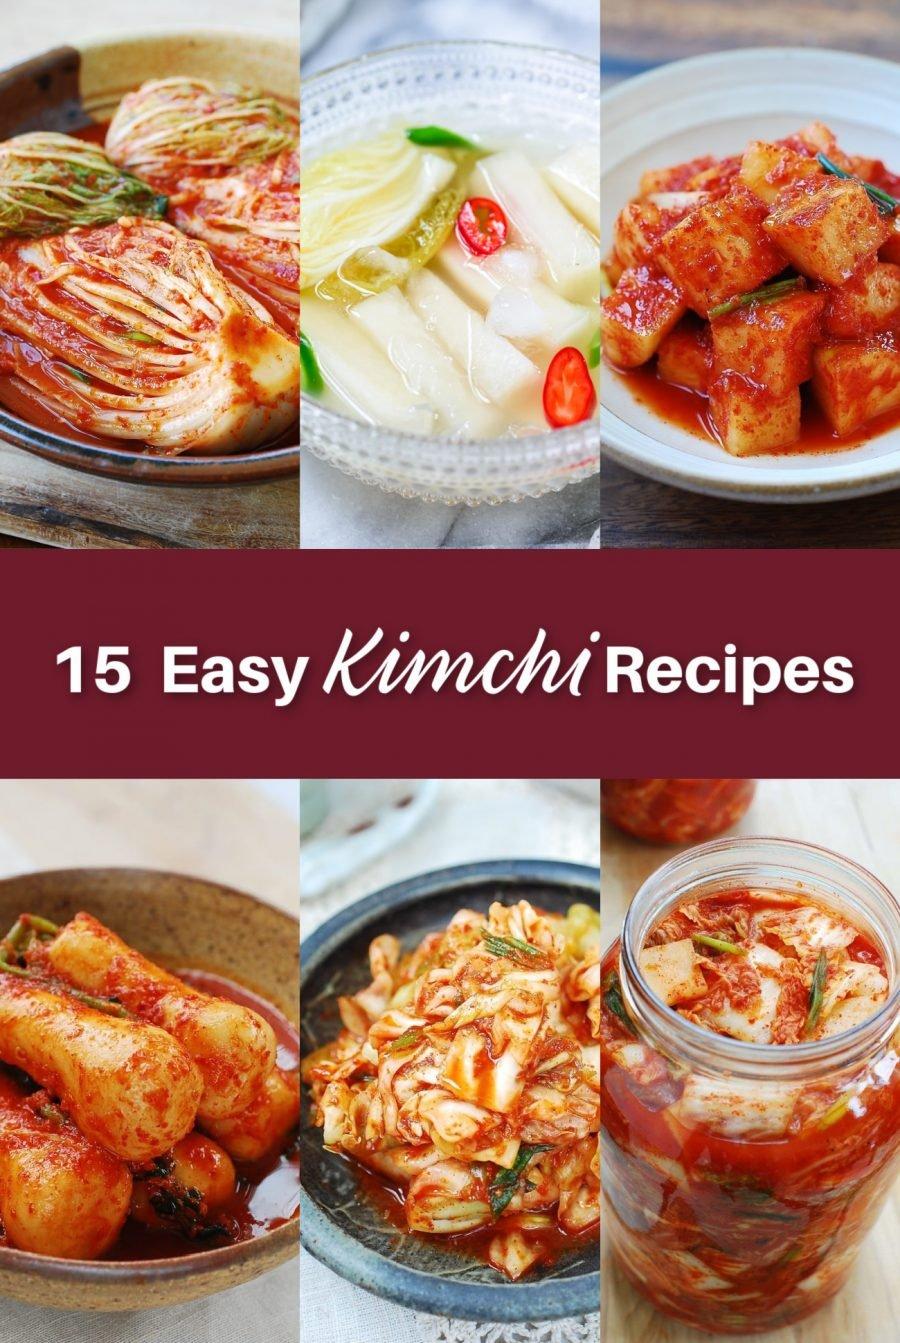 15 Easy Kimchi Recipes e1612498561532 - 15 Easy Kimchi Recipes